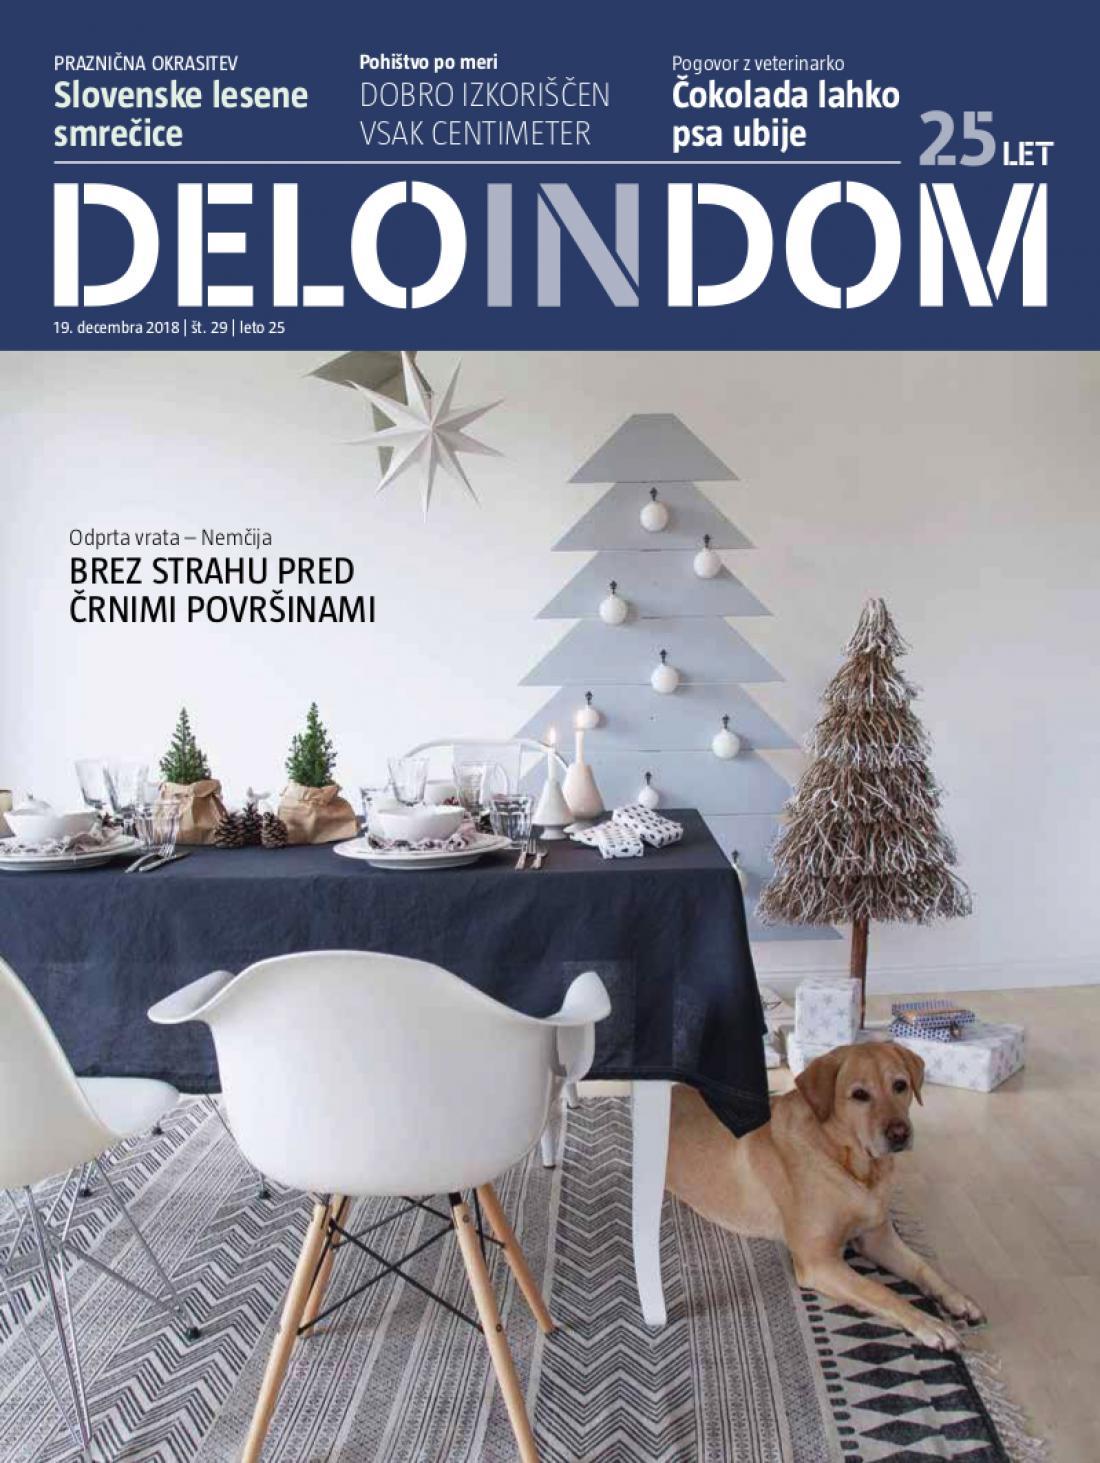 Naslednja številka priloge Deloindom bo Delu in Slovenskim novicam priložena 16. januarja 2019.